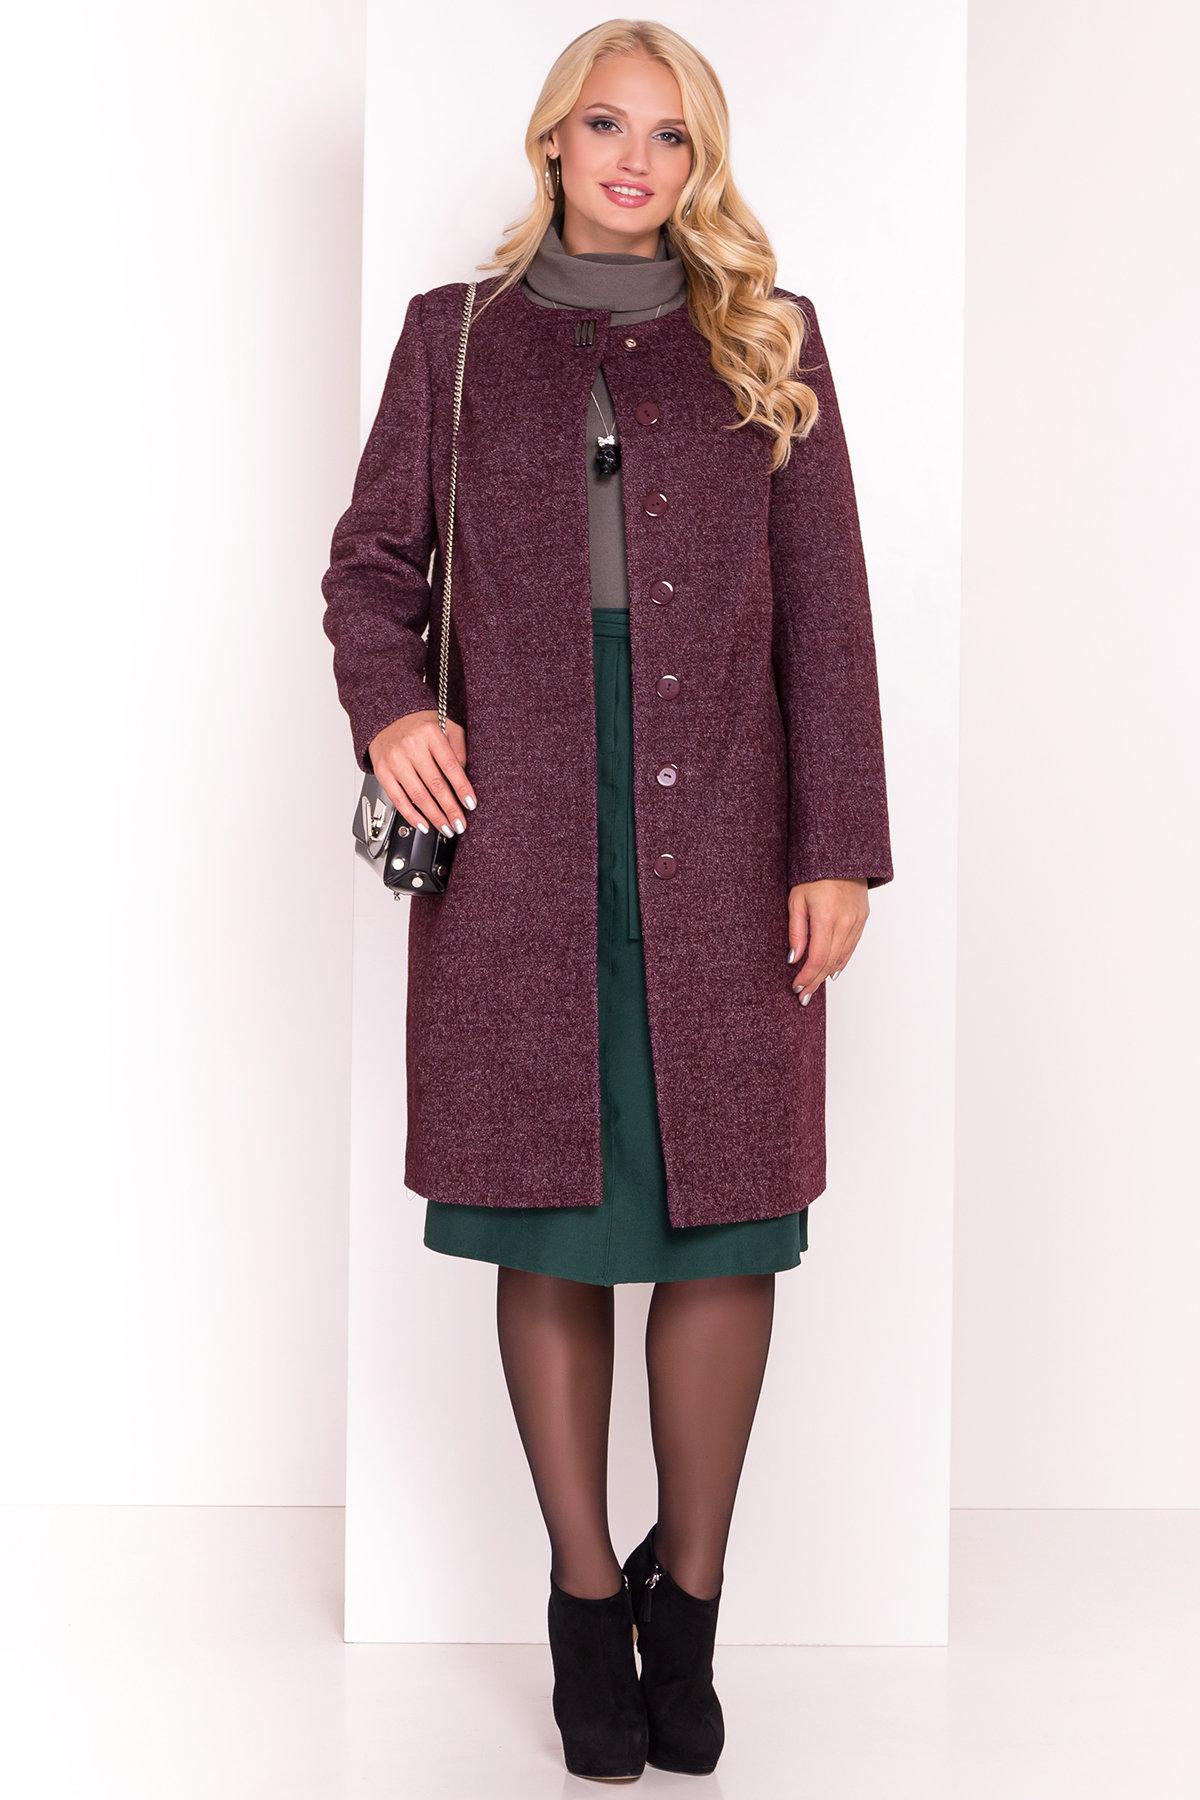 Демисезонное пальто цвета марсала Фортуна DONNA 3377 АРТ. 17323 Цвет: Марсала - фото 1, интернет магазин tm-modus.ru